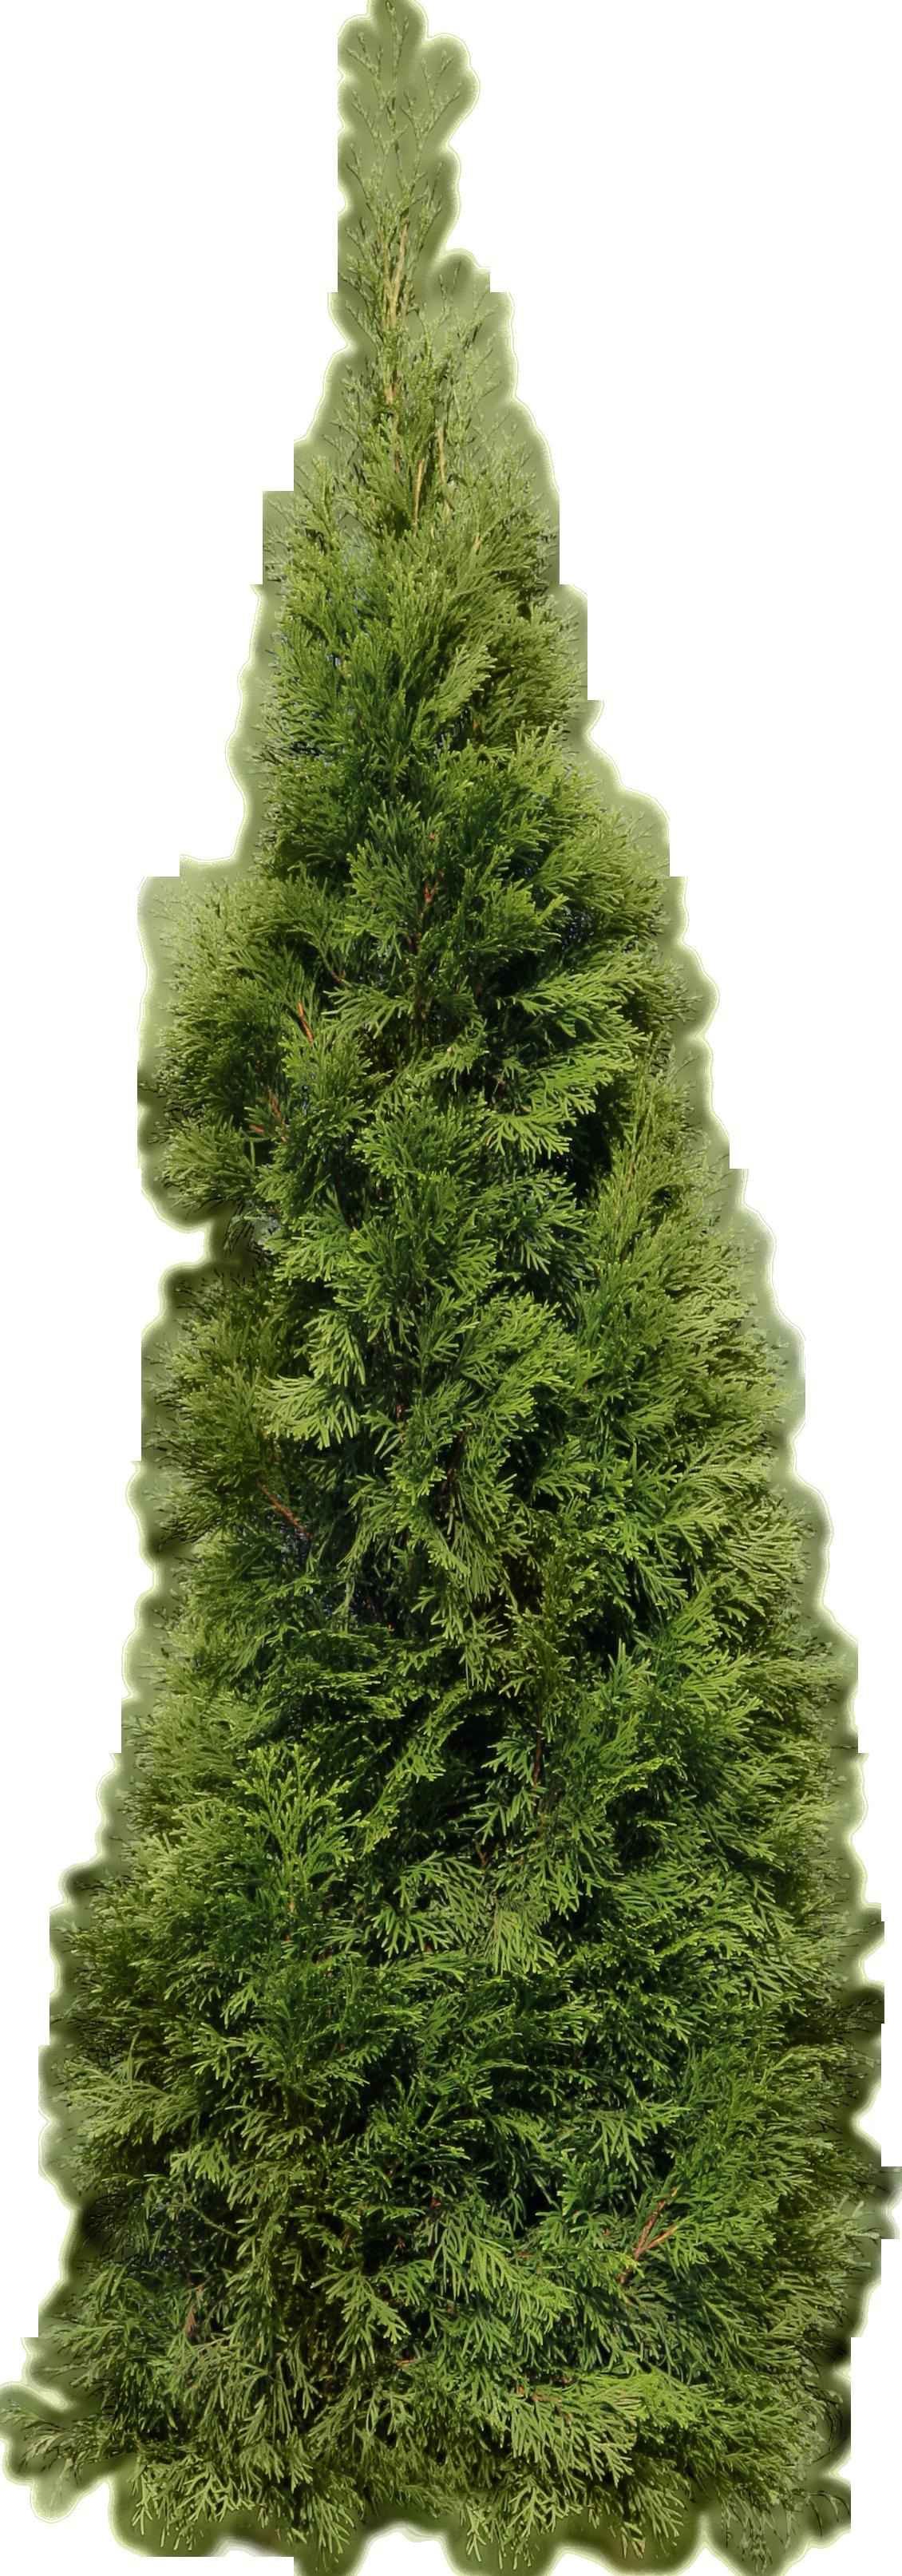 Green Big Fir Tree Png Image Big Firtree Green Image Png Garden Images Fir Tree Tree Psd